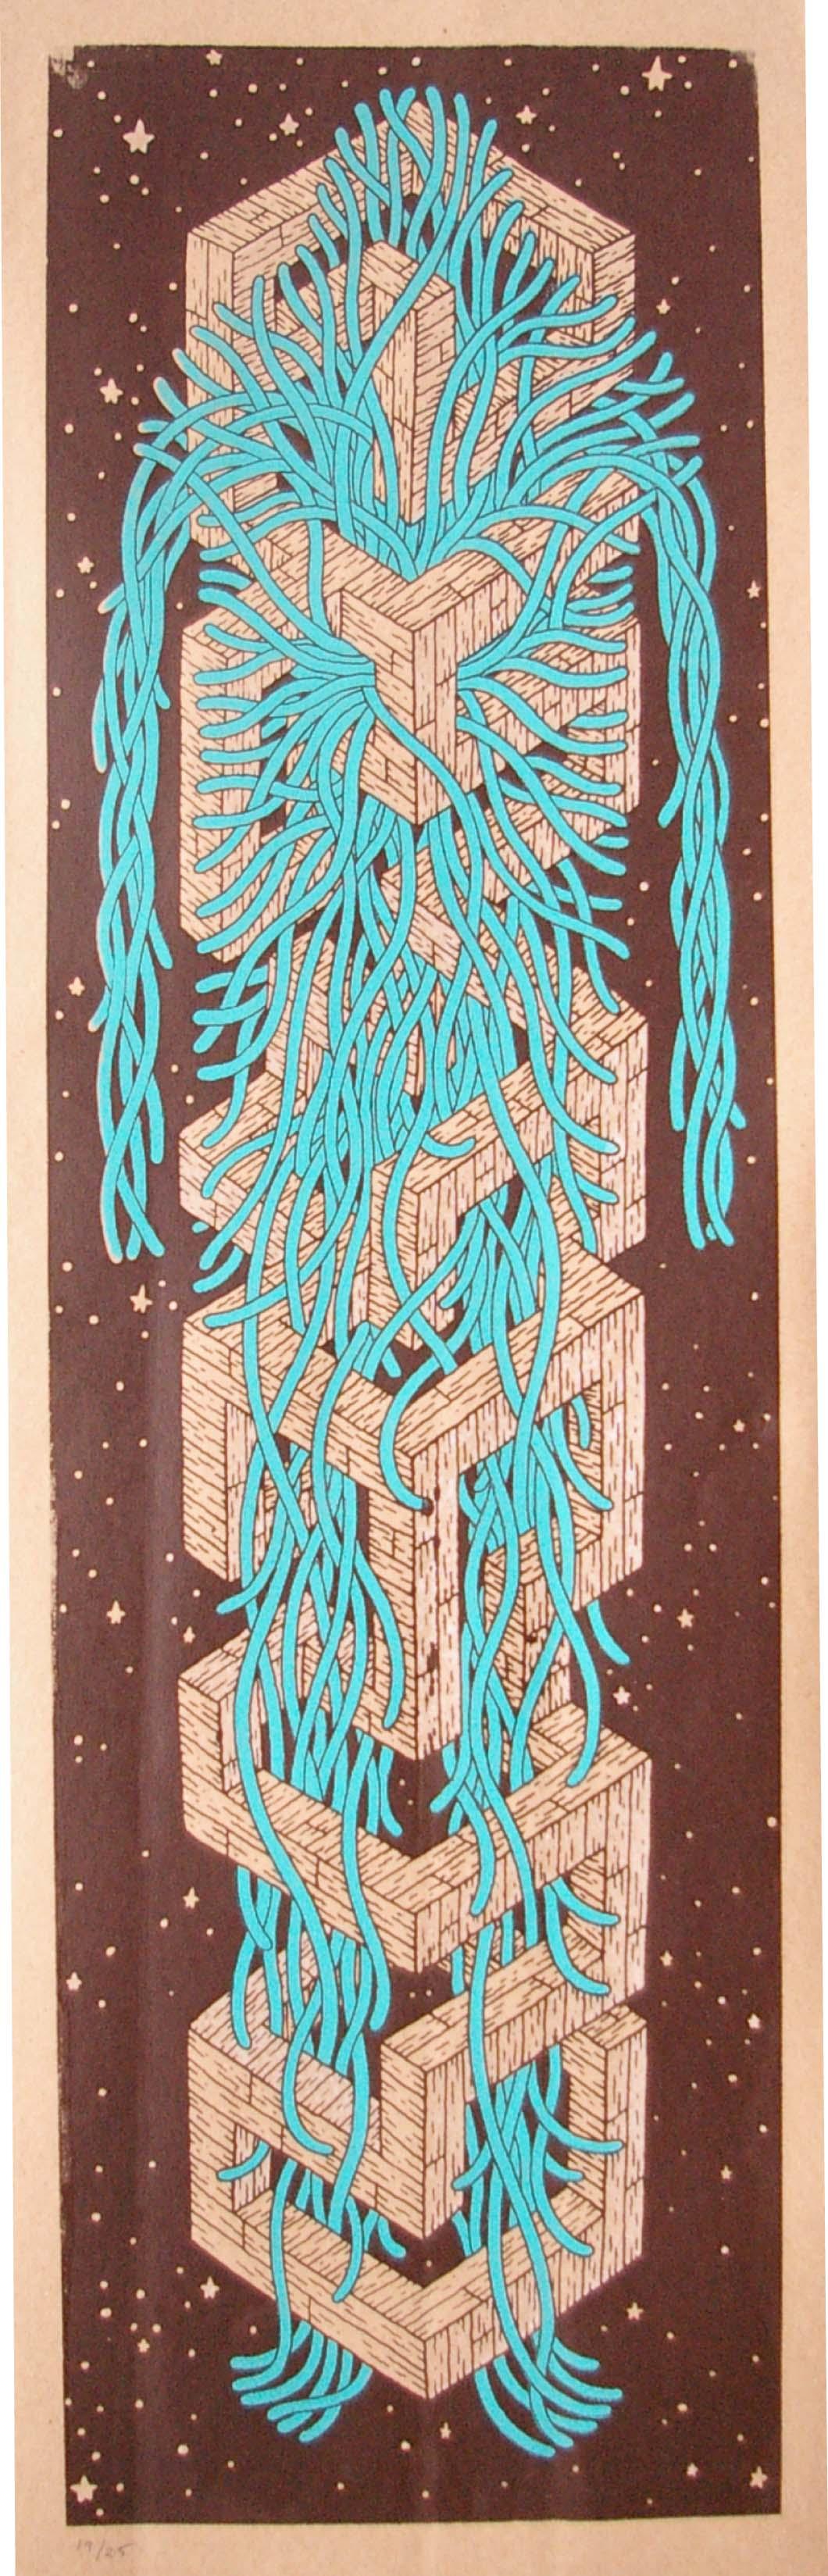 cosmic-nerv-blue.jpg